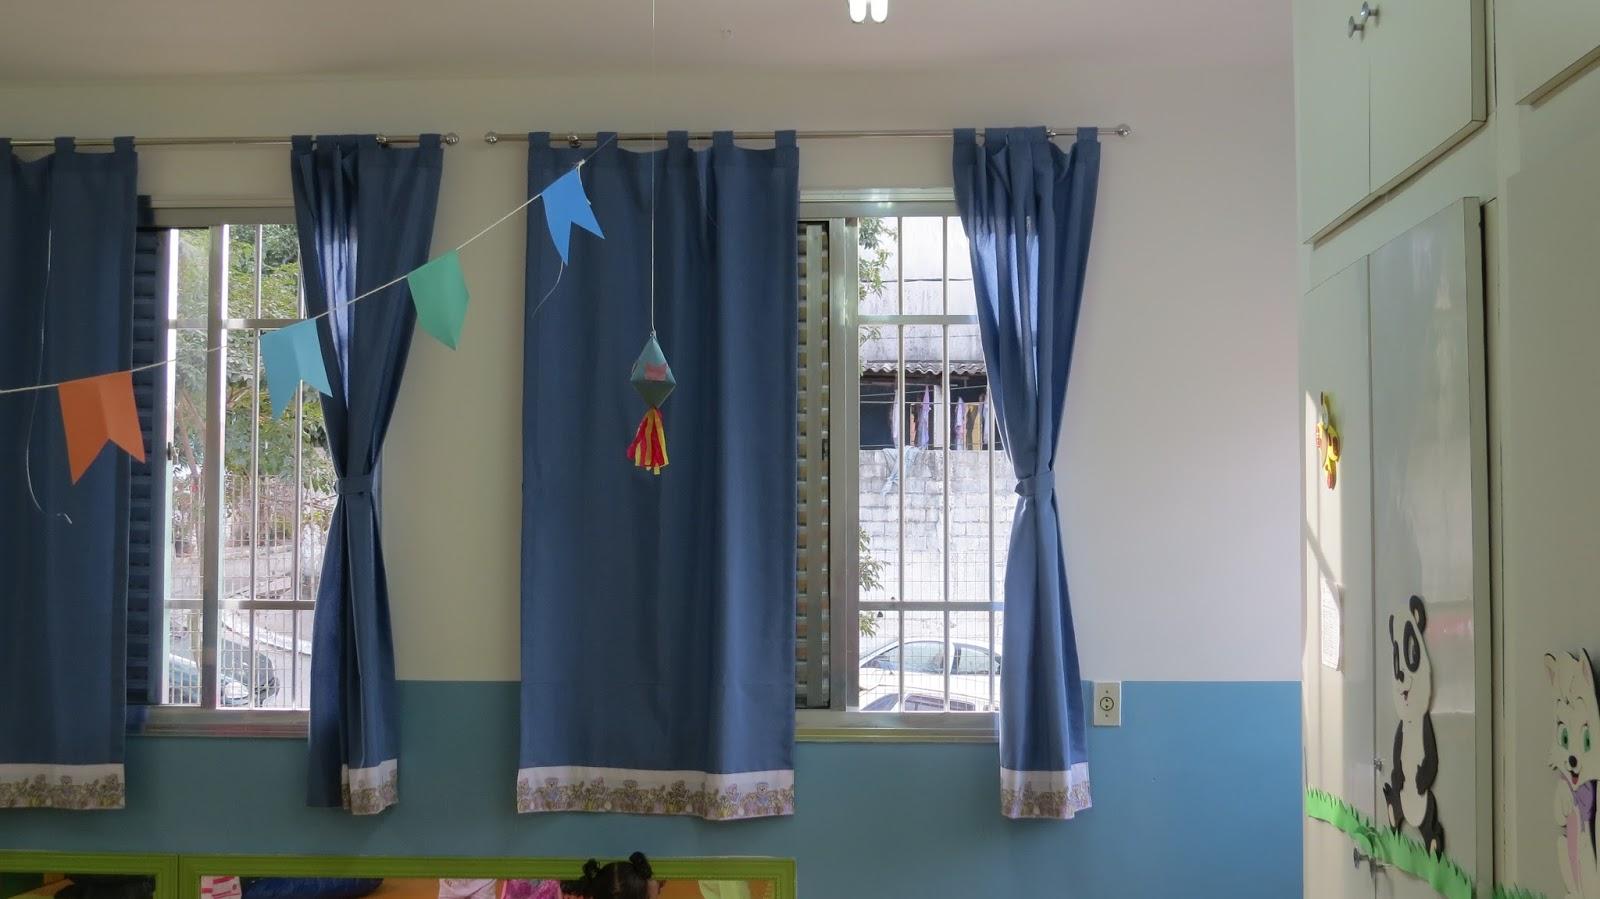 Anl cortinas for Cortinas para aulas